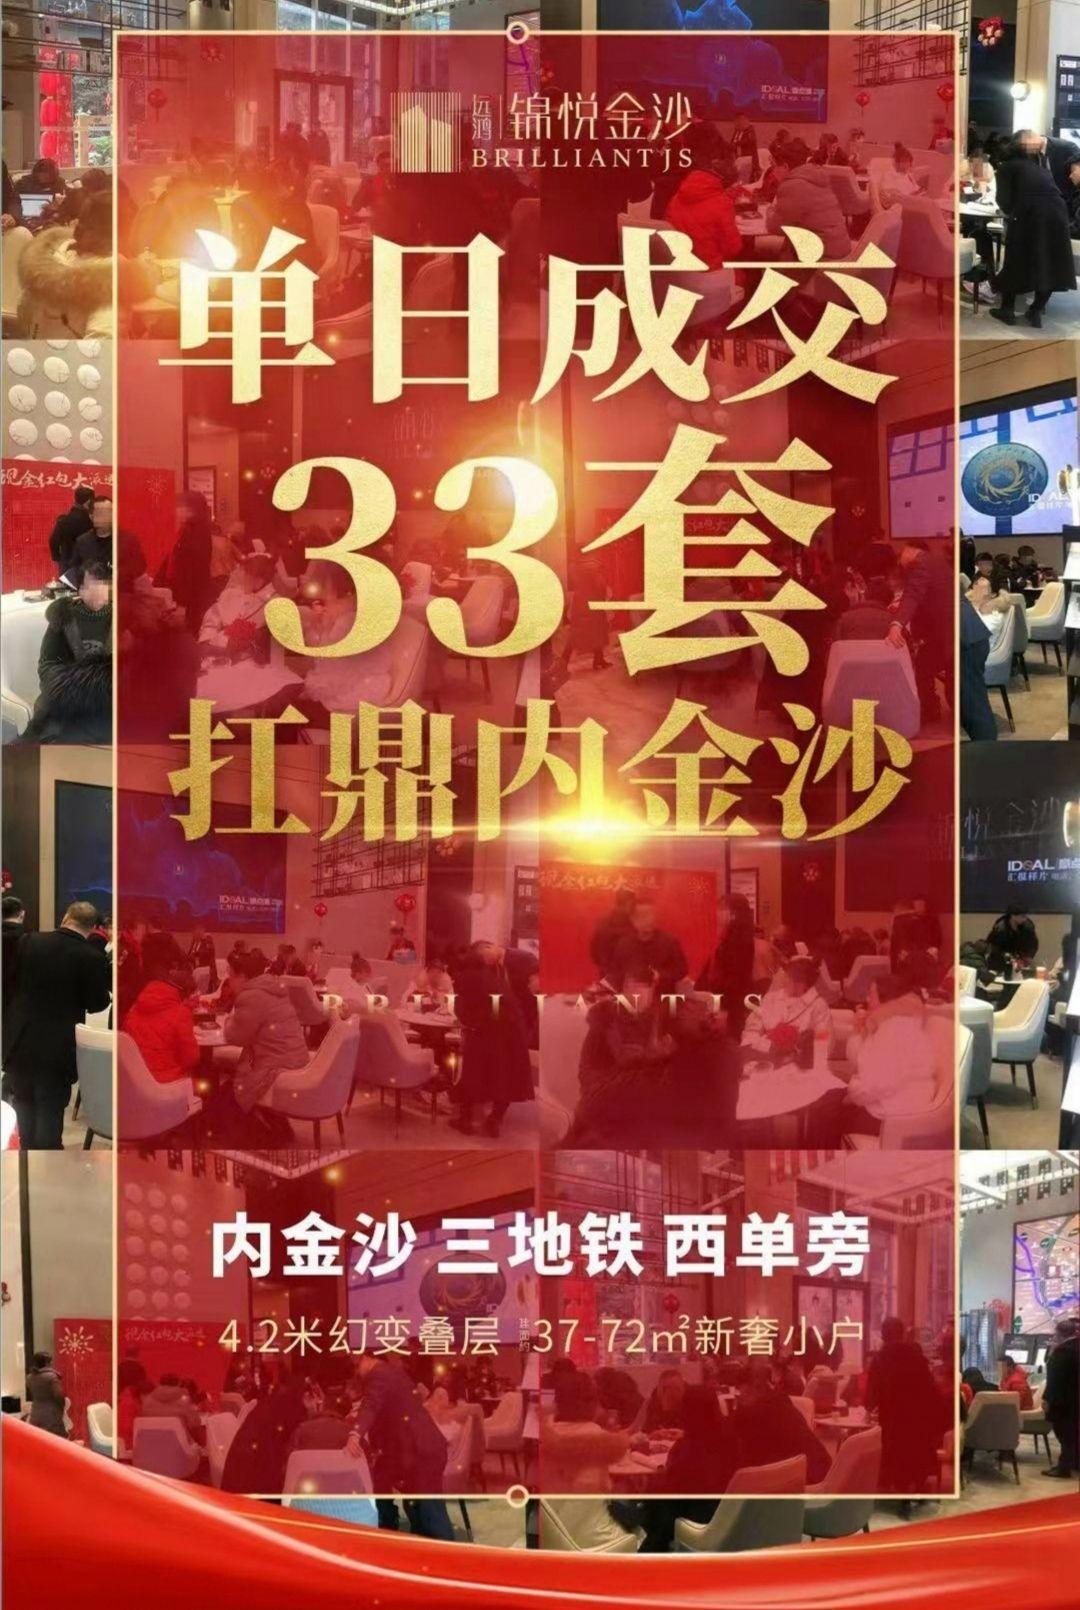 远鸿锦悦金沙视频封面图